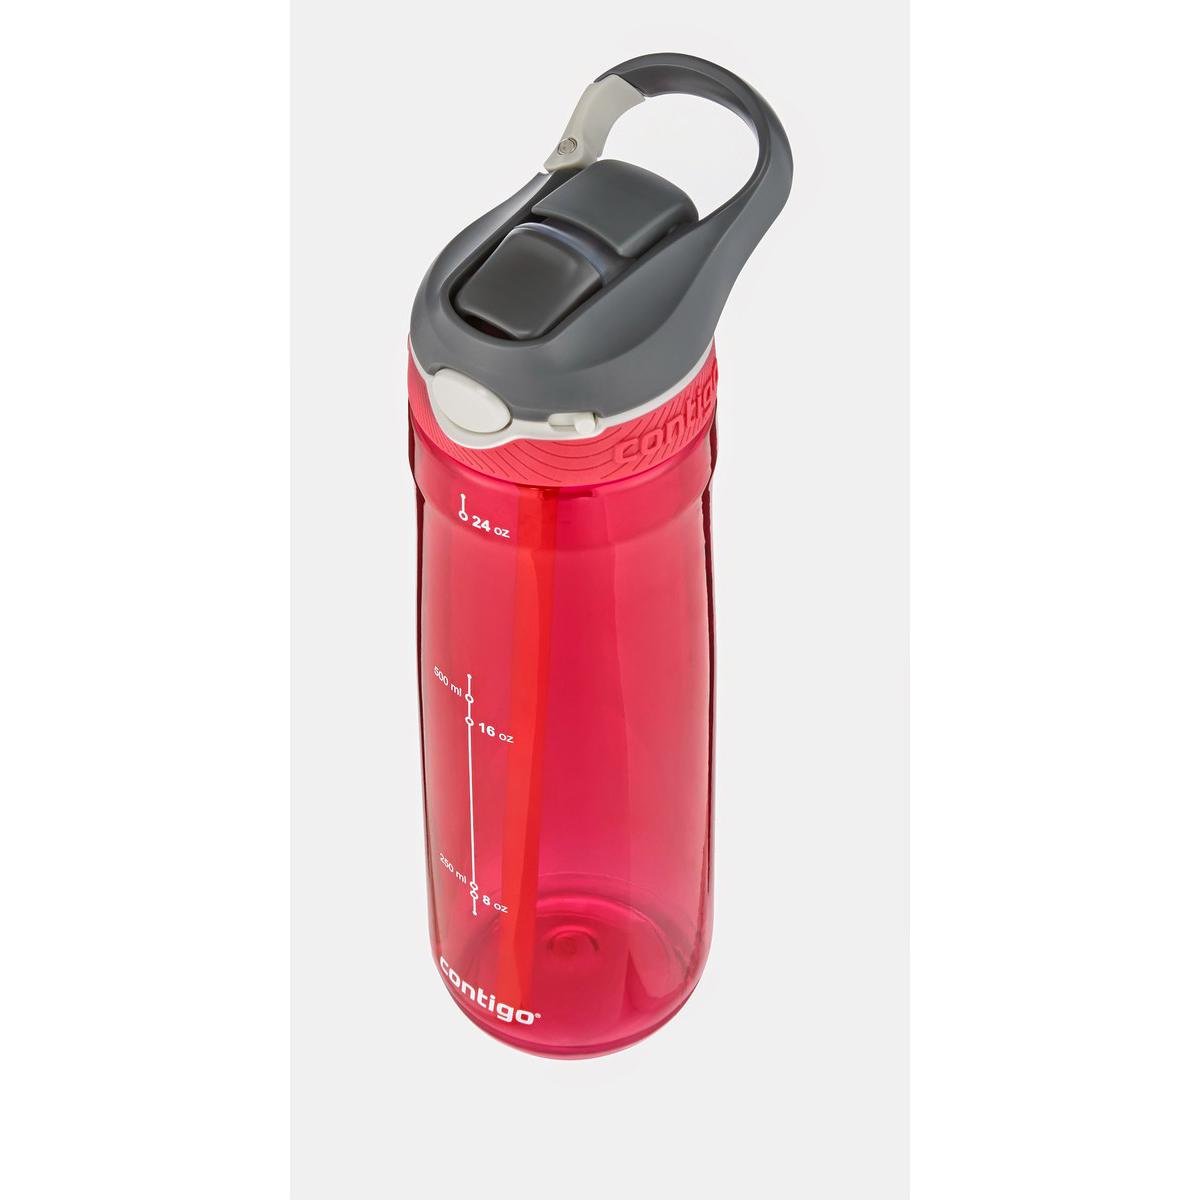 Бутылка для воды Contigo Ashland, цвет: красный, 720 млcontigo0458Бутылка для напитков Contigo Ashland является отличным решением для тех, кто делает осознанный выбор в пользу практичности и комфорта. Благодаря тщательно продуманной форме вы с легкостью сможете положить ее в рюкзак либо сумку. Кроме этого бутылка для воды Contigo Ashland отлично поместится в подстаканник в автомобиле.Горлышко бутылки оснащенное системой Autospout закрывается надежно и герметично. Благодаря этому вы получите полную уверенность в том, что даже при перекидывании бутылки ее содержимое не прольется. Объем 720 мл.